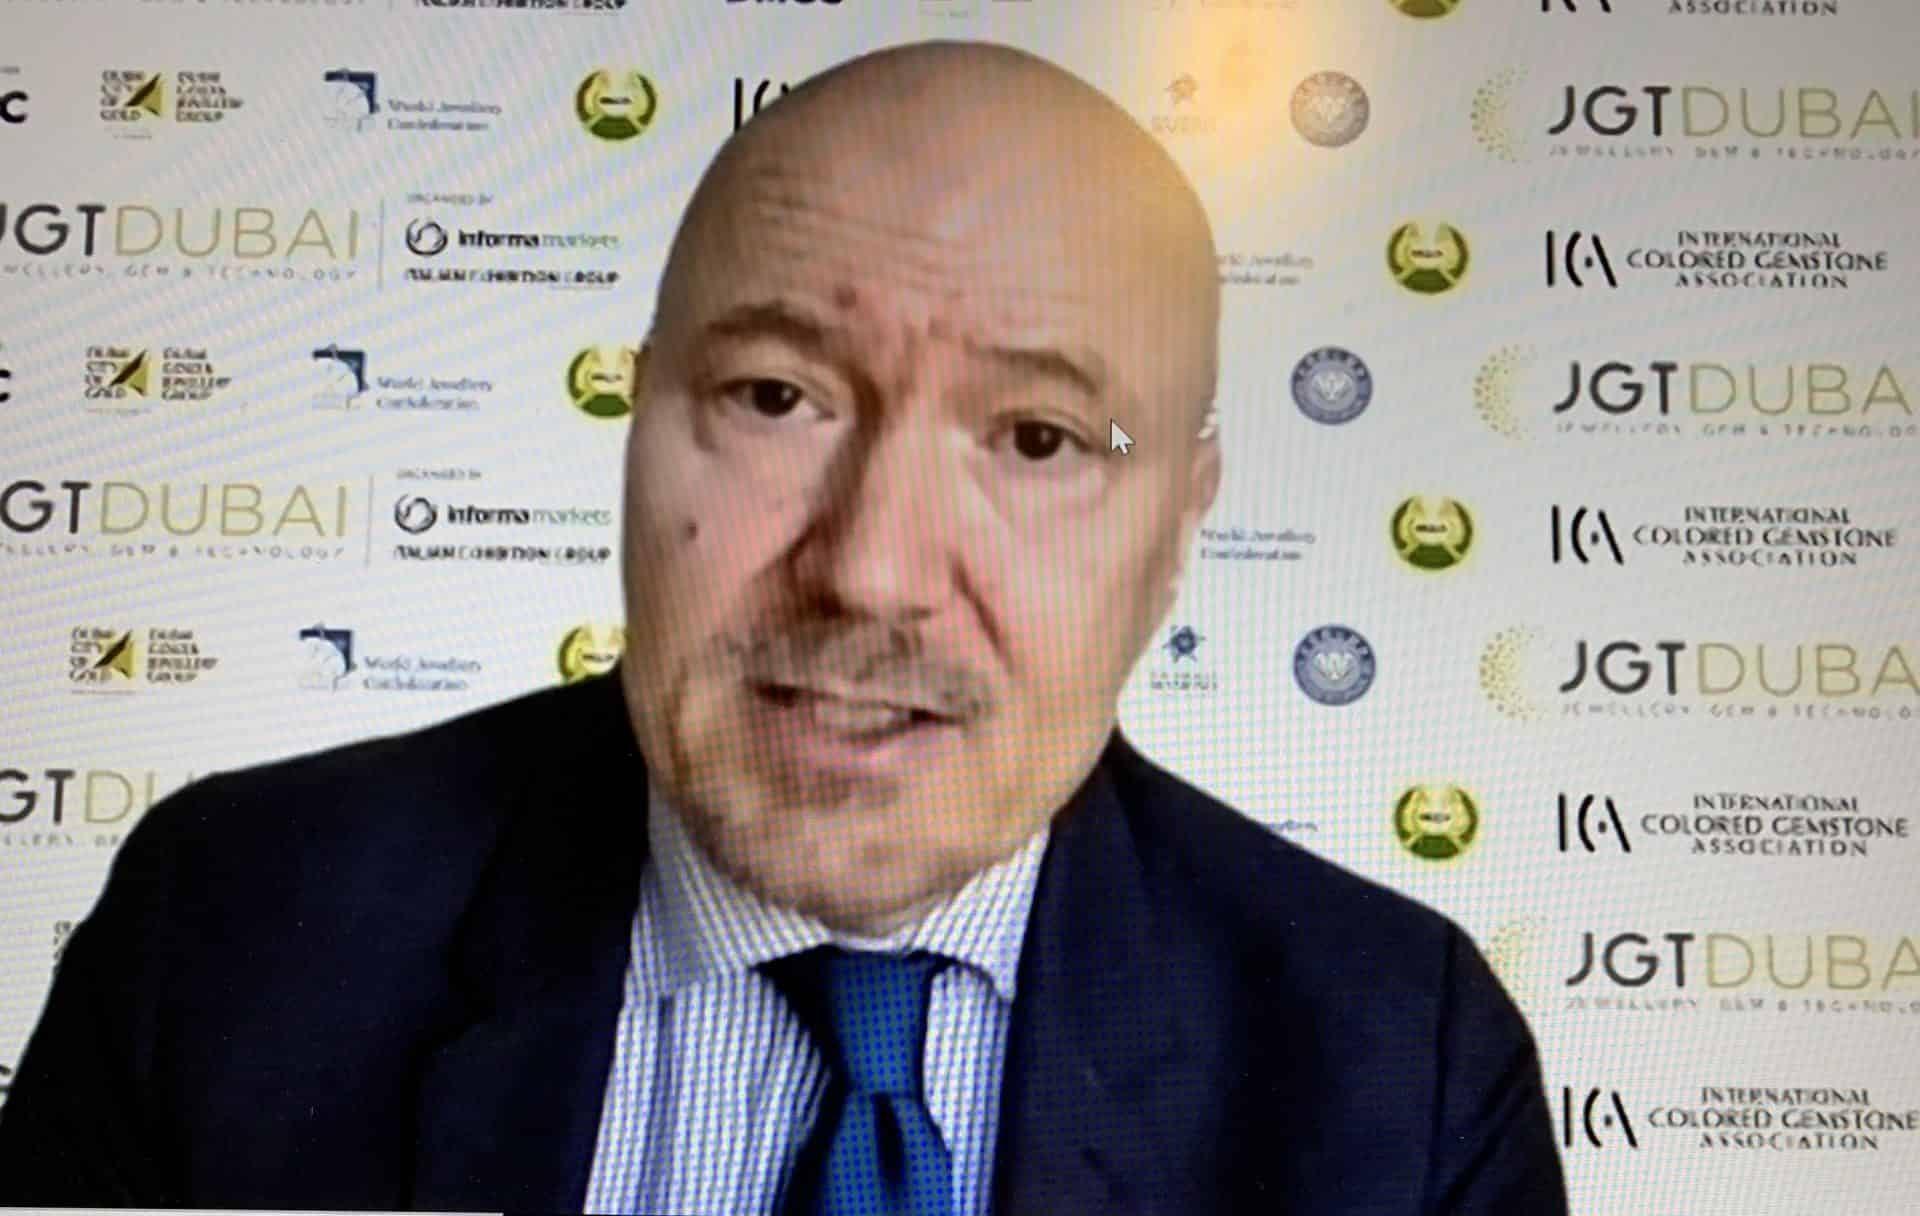 Corrado Peraboni, CEO of IEG SpA